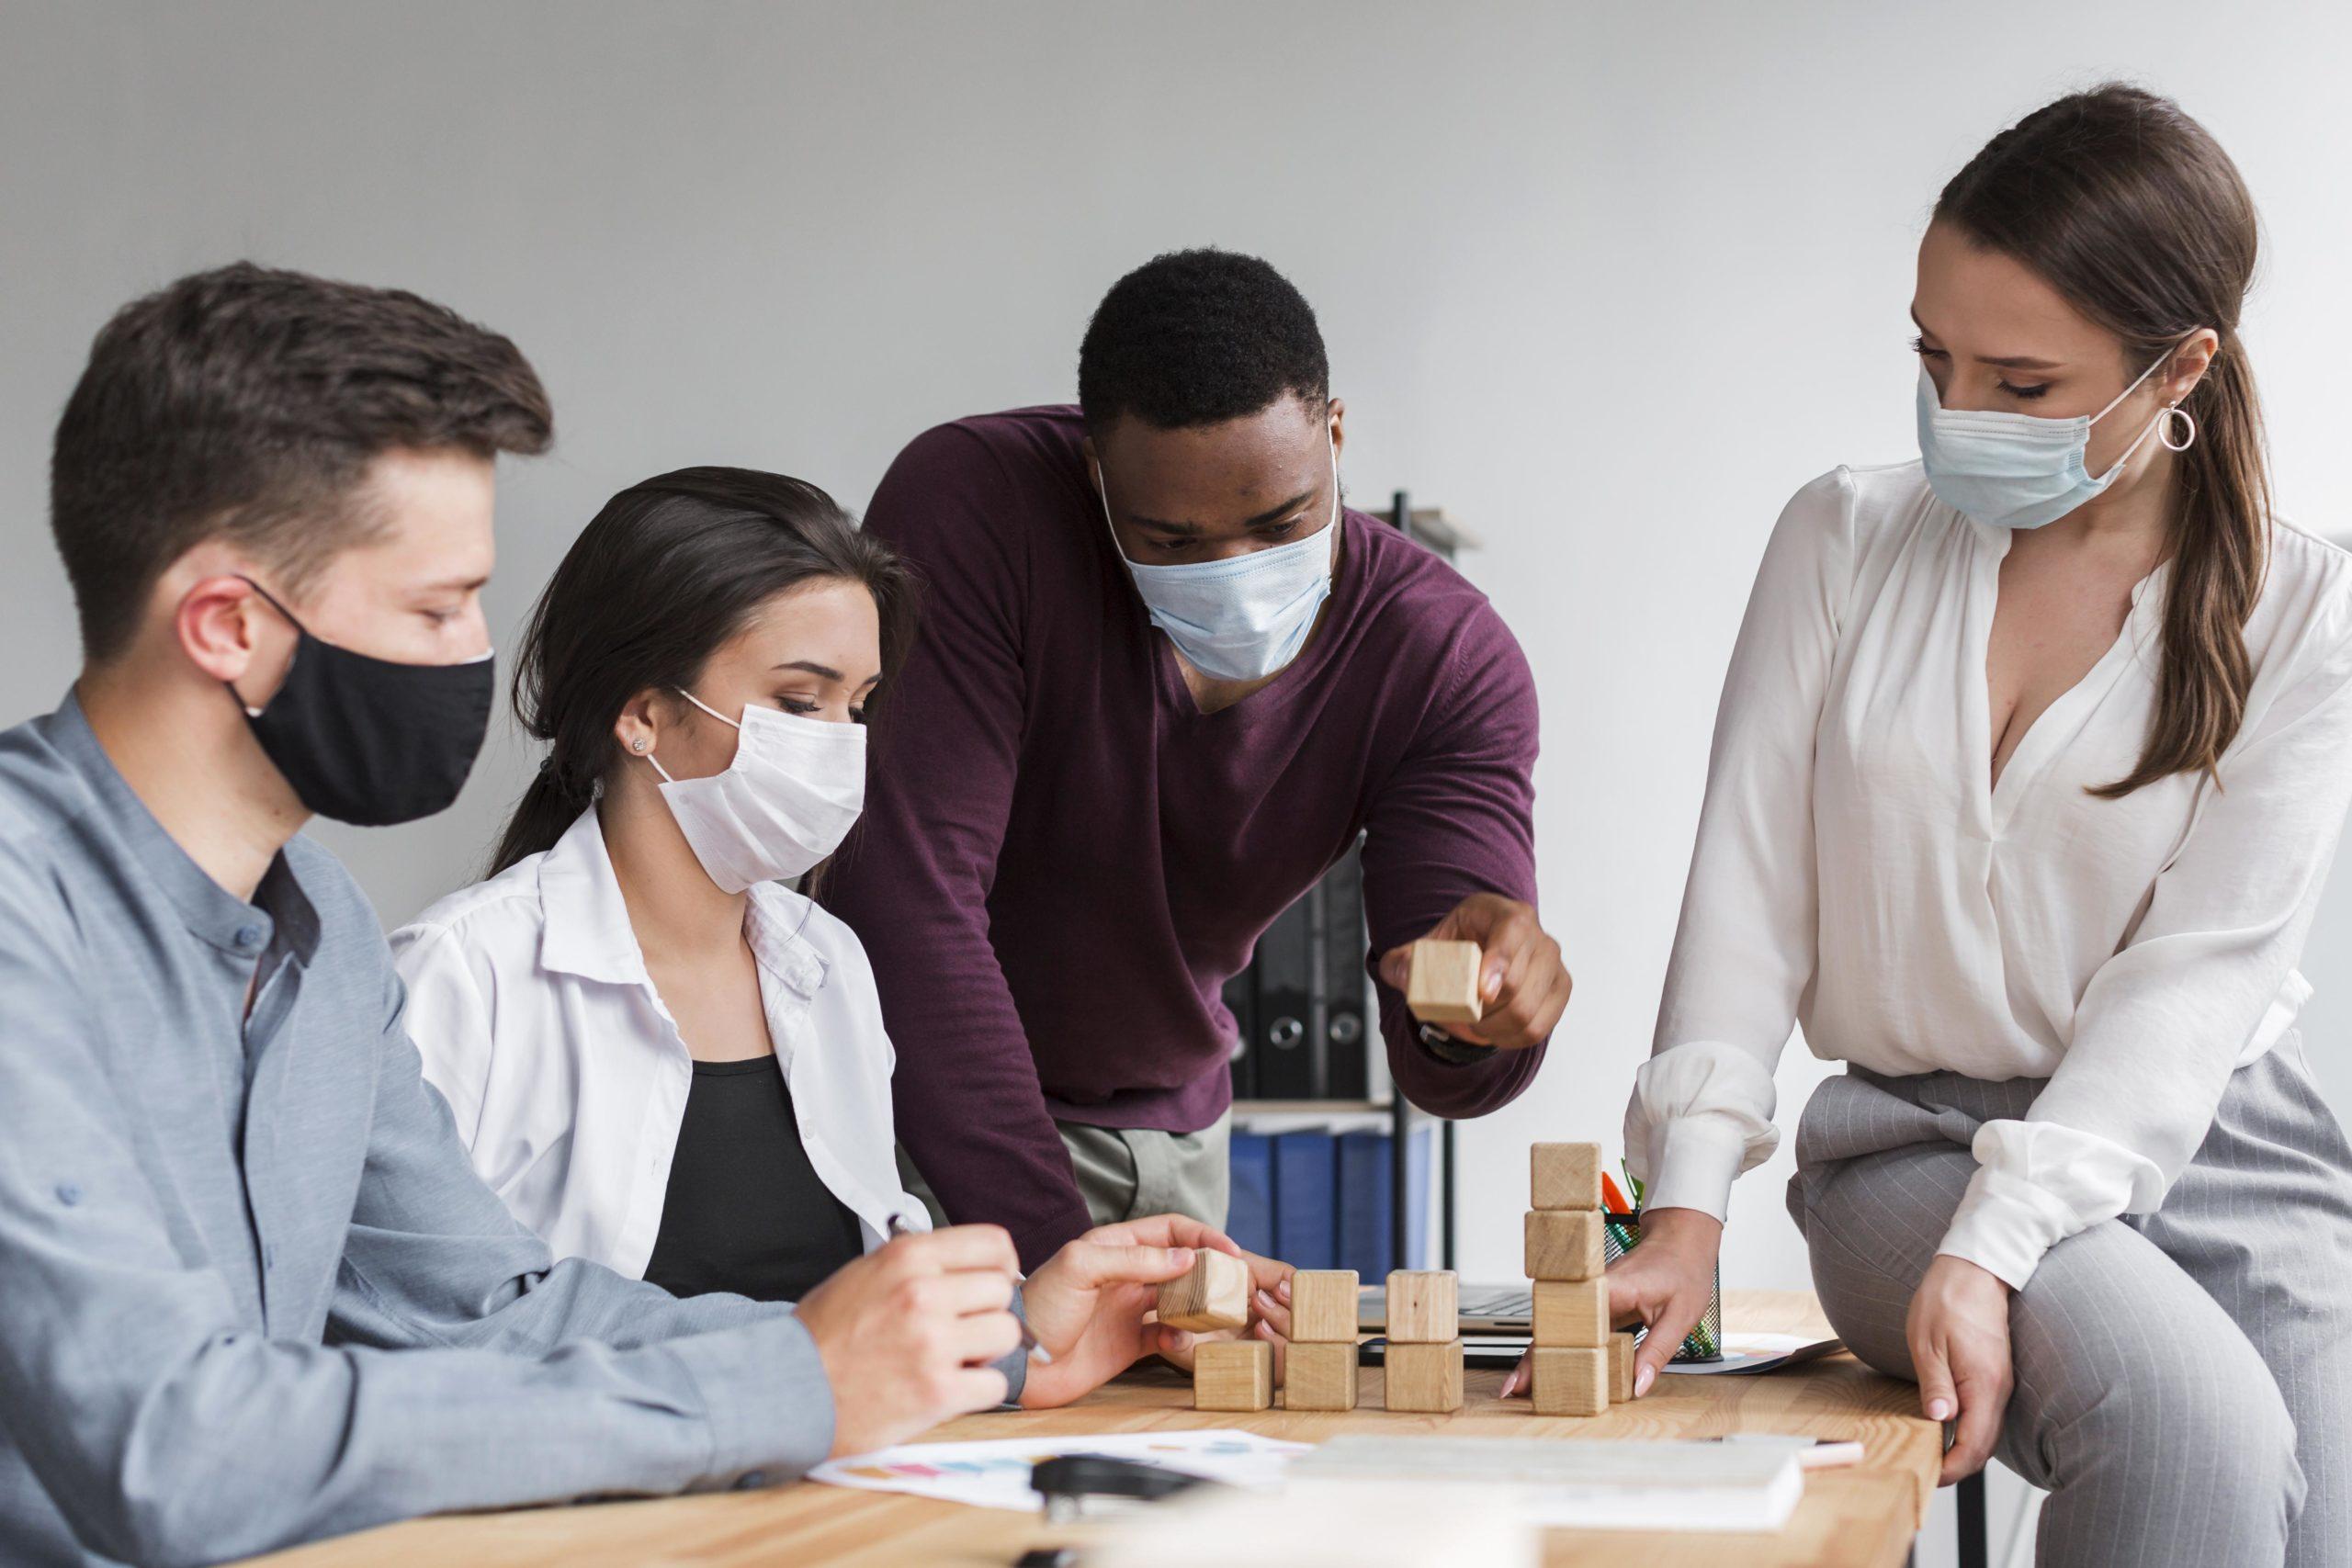 Masques et revêtements faciaux pour la pandémie de coronavirus